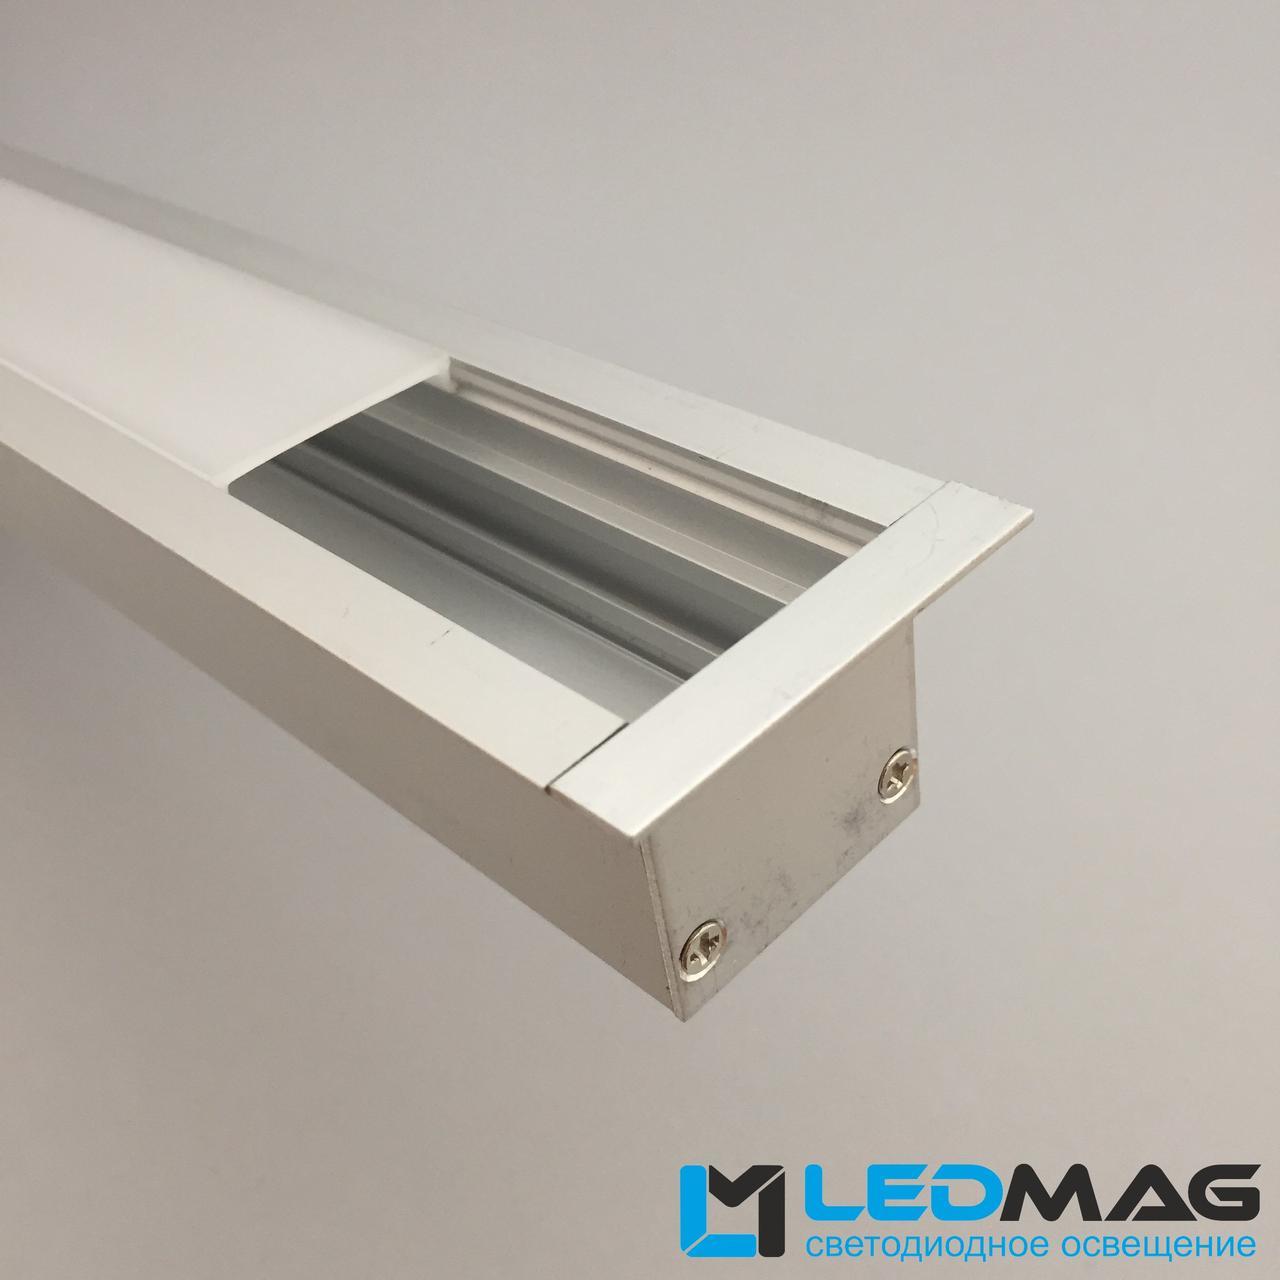 Широкий светодиодный профиль под две светодиодные ленты встроенный 50(35)х35 мм